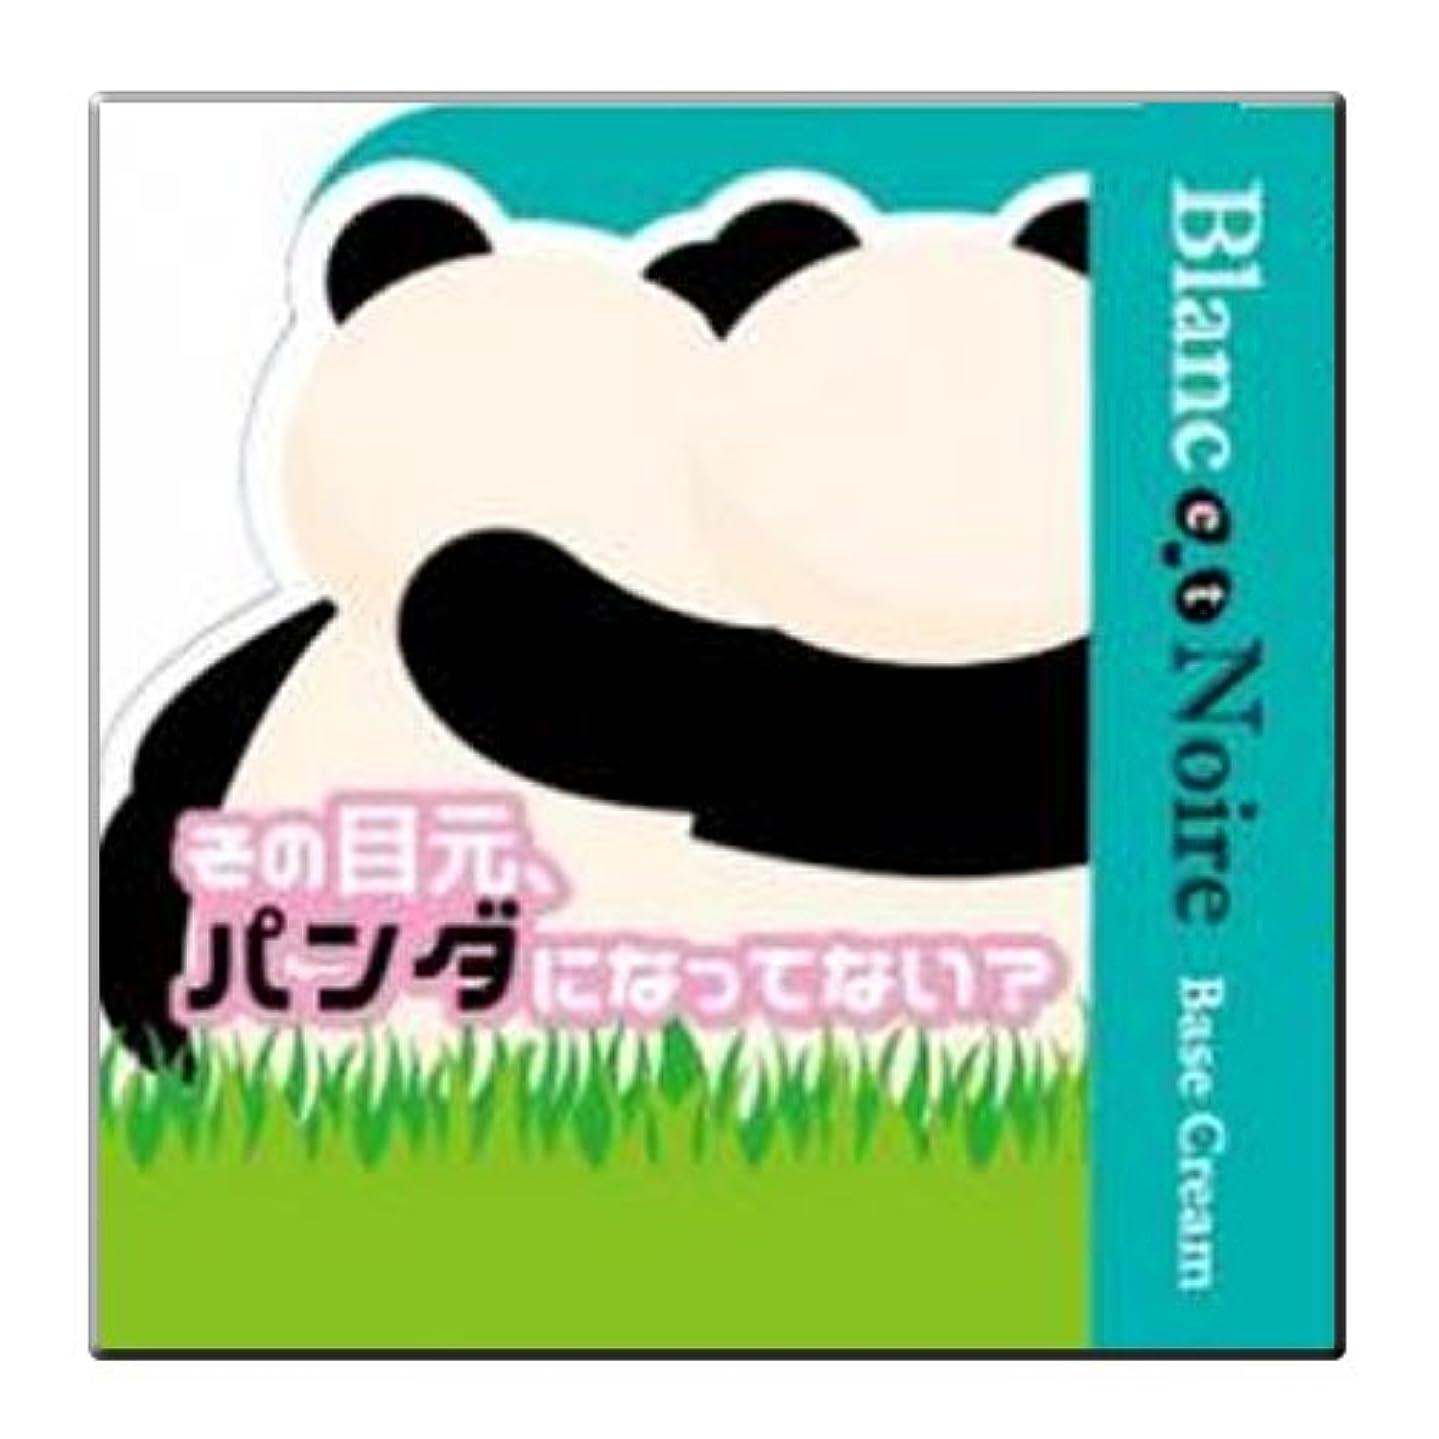 サラミ尽きるスキルBlanc et Noire(ブラン エ ノアール) Base Cream(ベースクリーム) 薬用美白クリームファンデーション 医薬部外品 15g